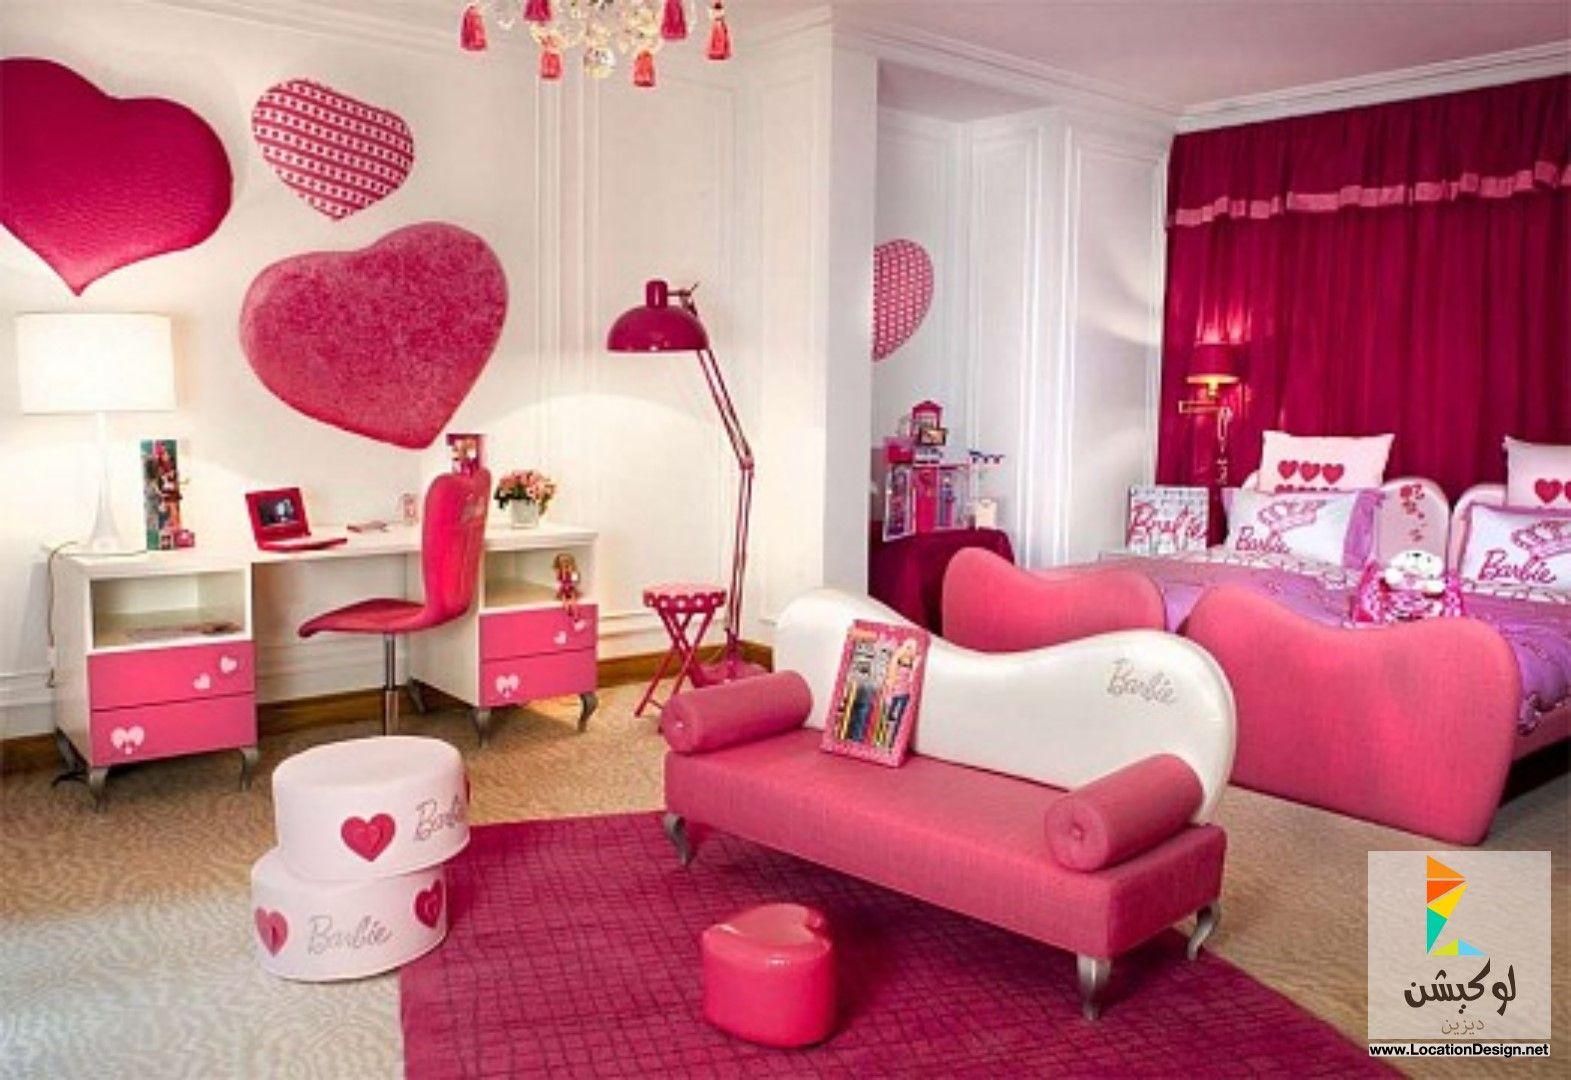 افضل و احدث غرف نوم اطفال بنات 2015 لوكيشن ديزاين تصميمات ديكورات أفكار جديدة مصر Girls Room Design Barbie Room Girl Bedroom Decor